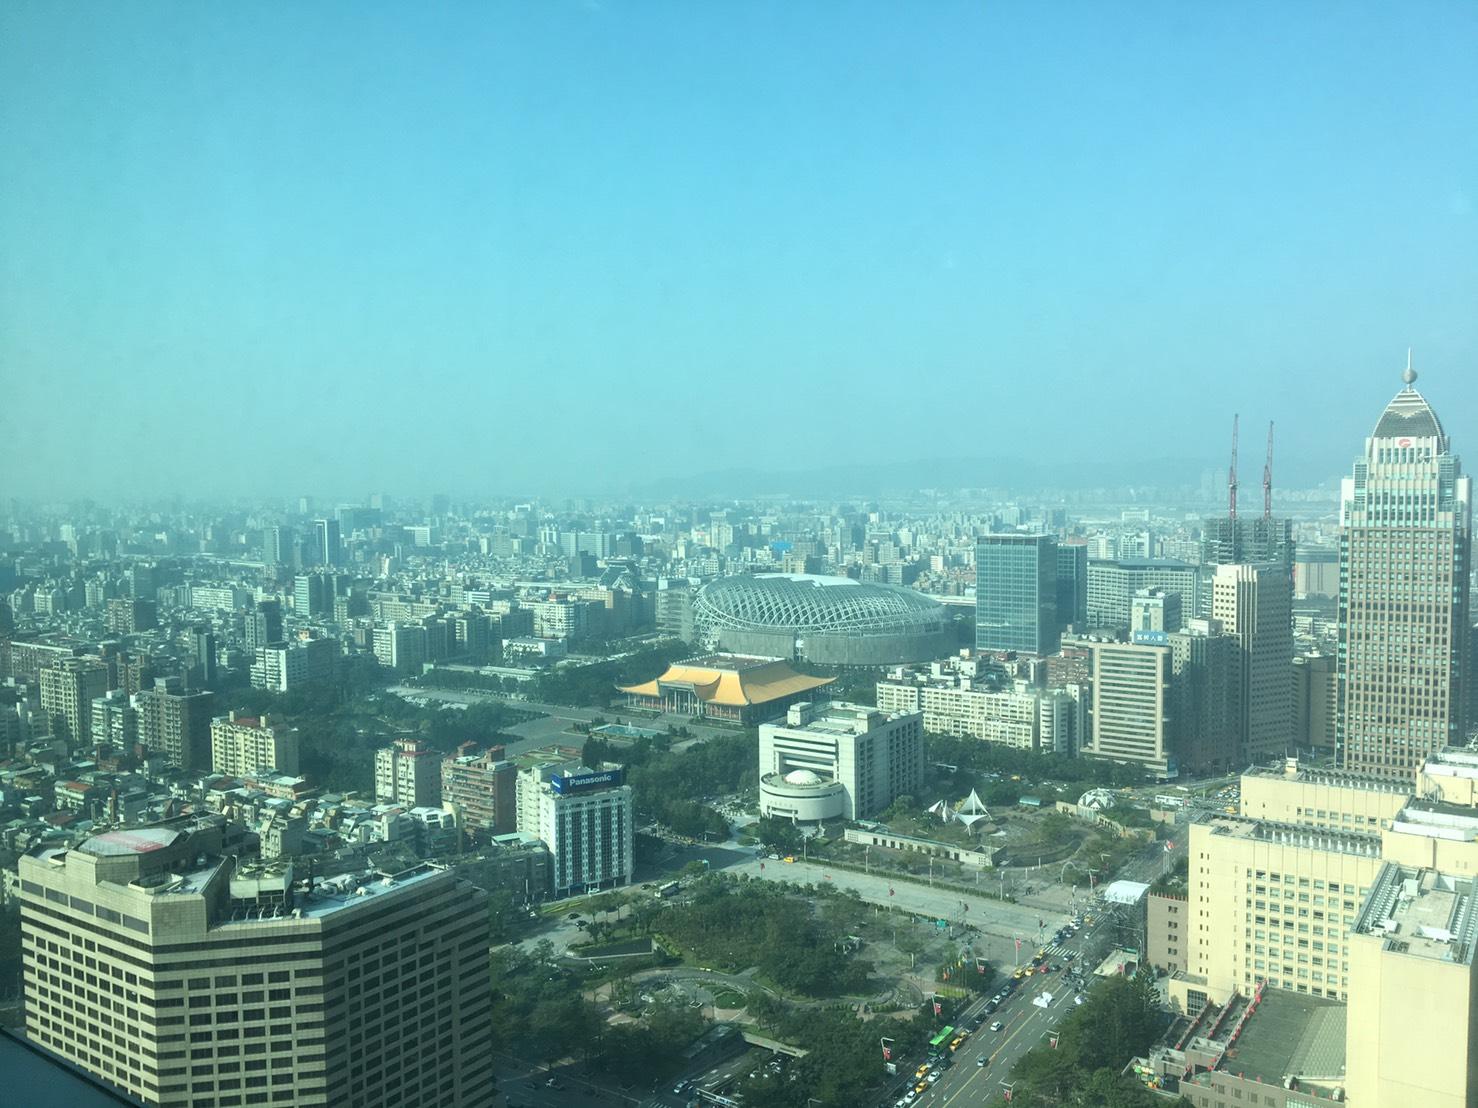 大巨蛋的真相 - 台北大巨蛋 遠景